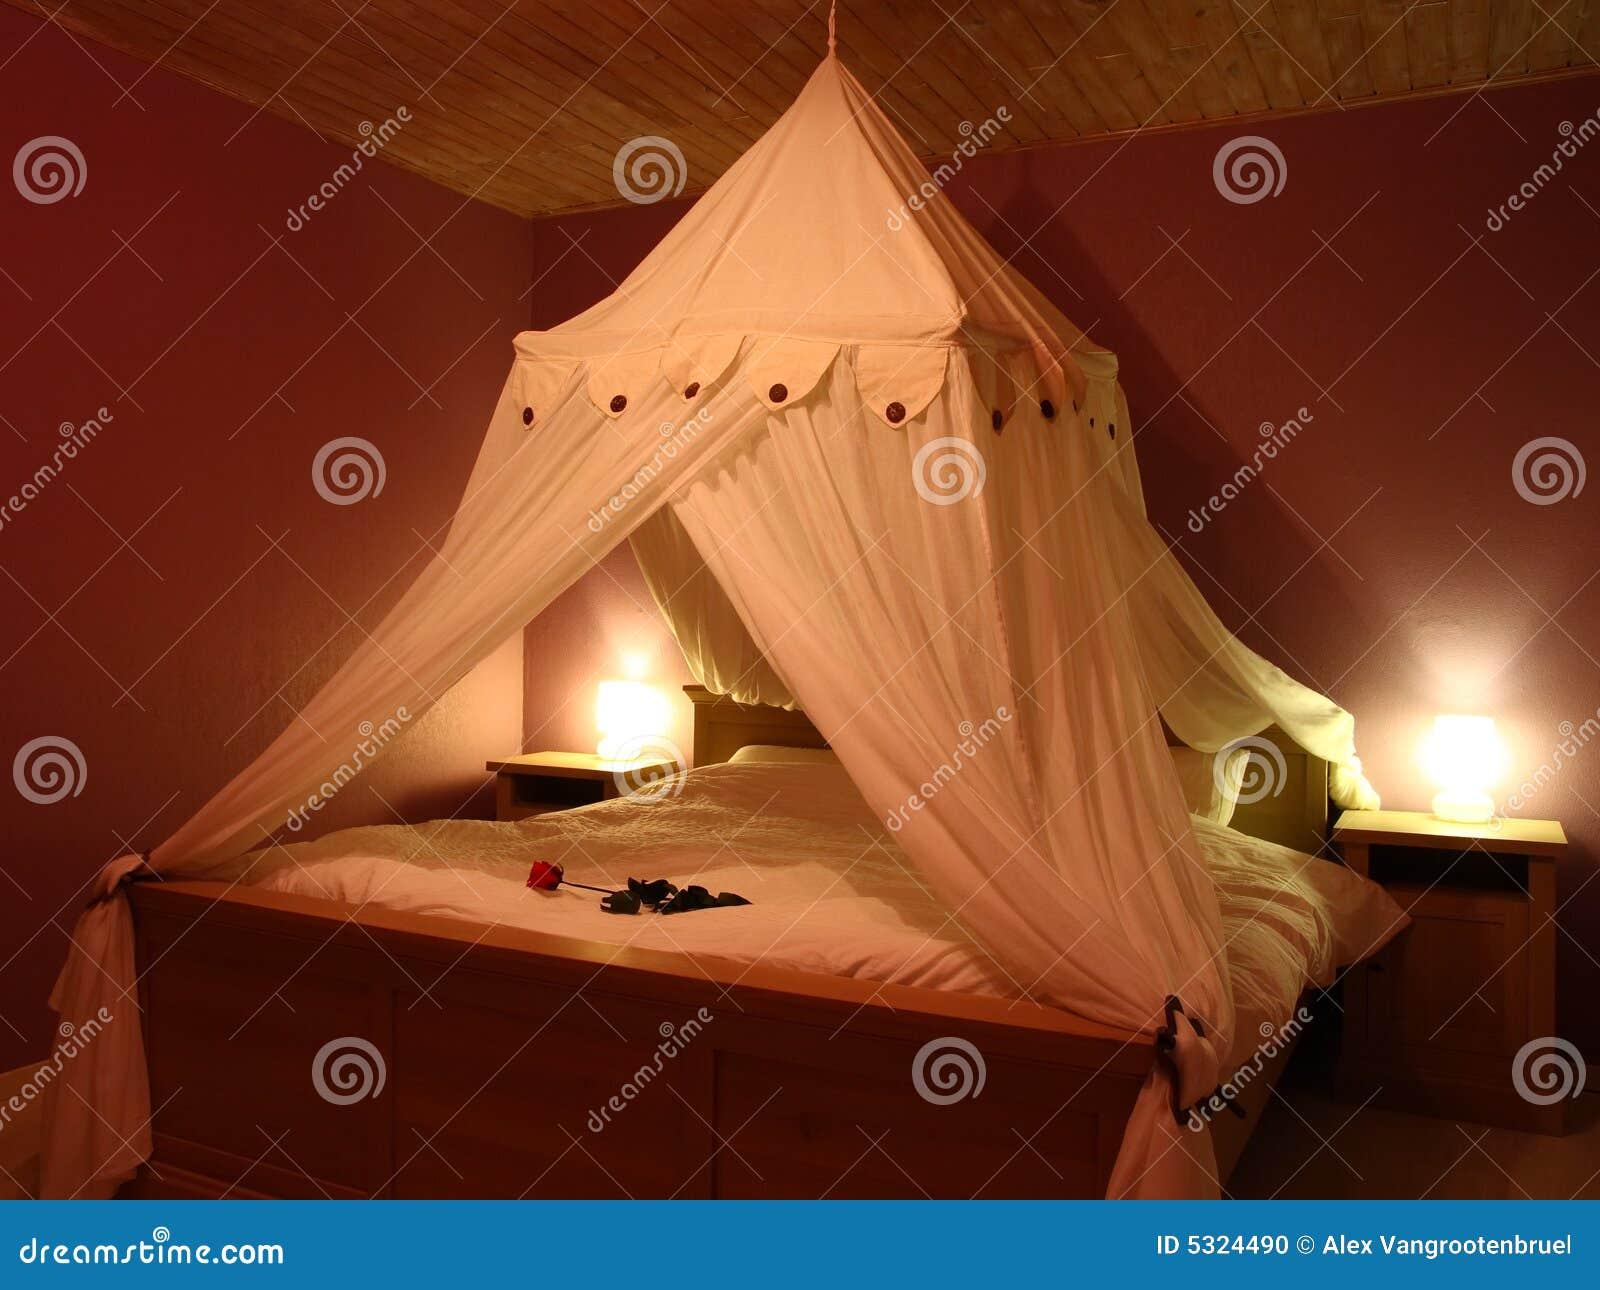 Romantische slaapkamer stock foto beeld 5324490 - Romantische slaapkamer ...